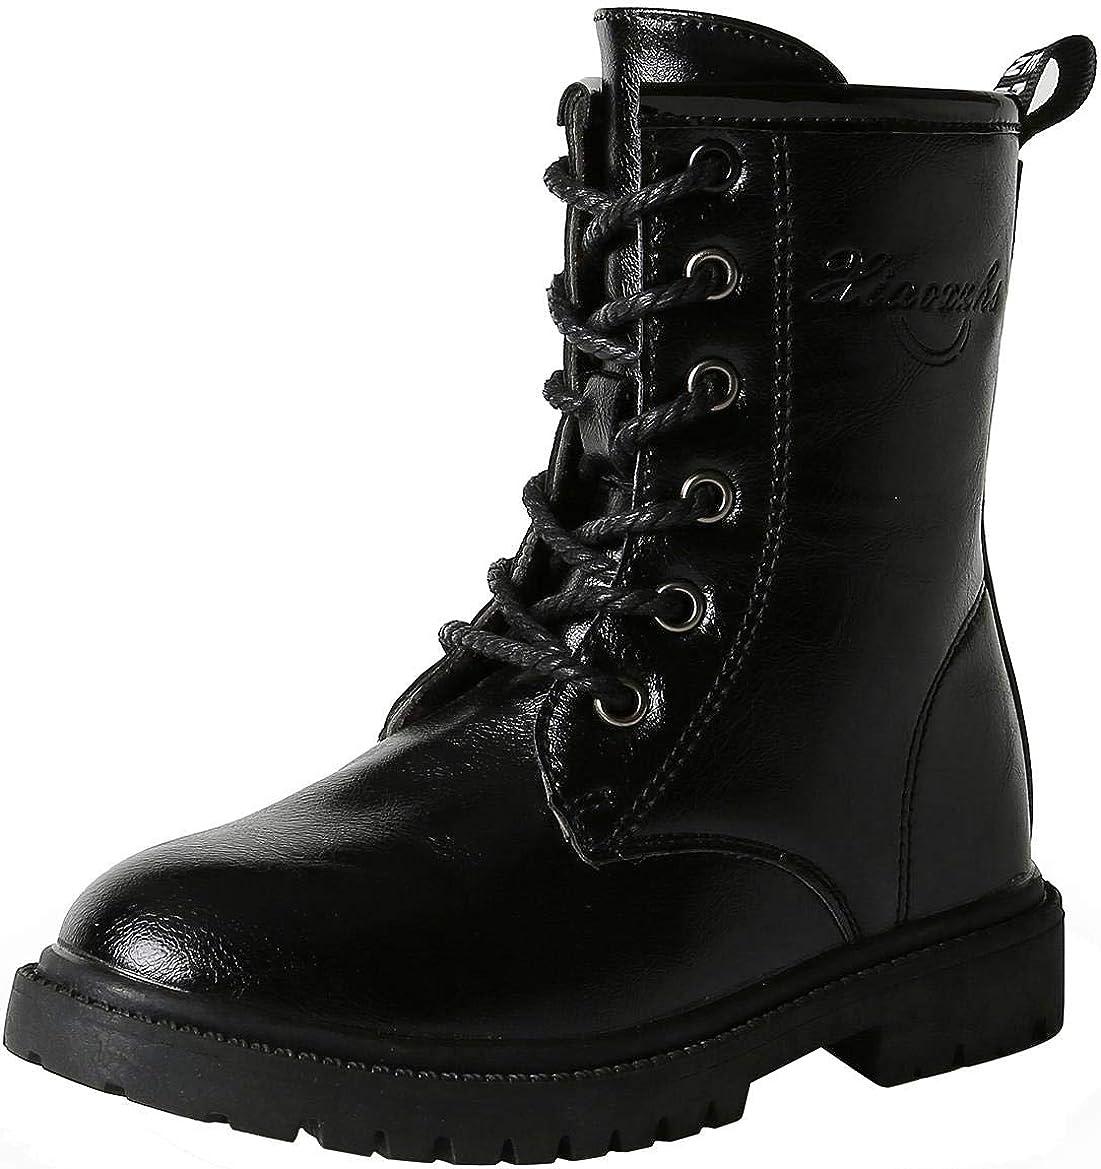 VECJUNIA Boys Girls Waterproof Boots Low Top Nonslip Slippers Outdoor Indoor